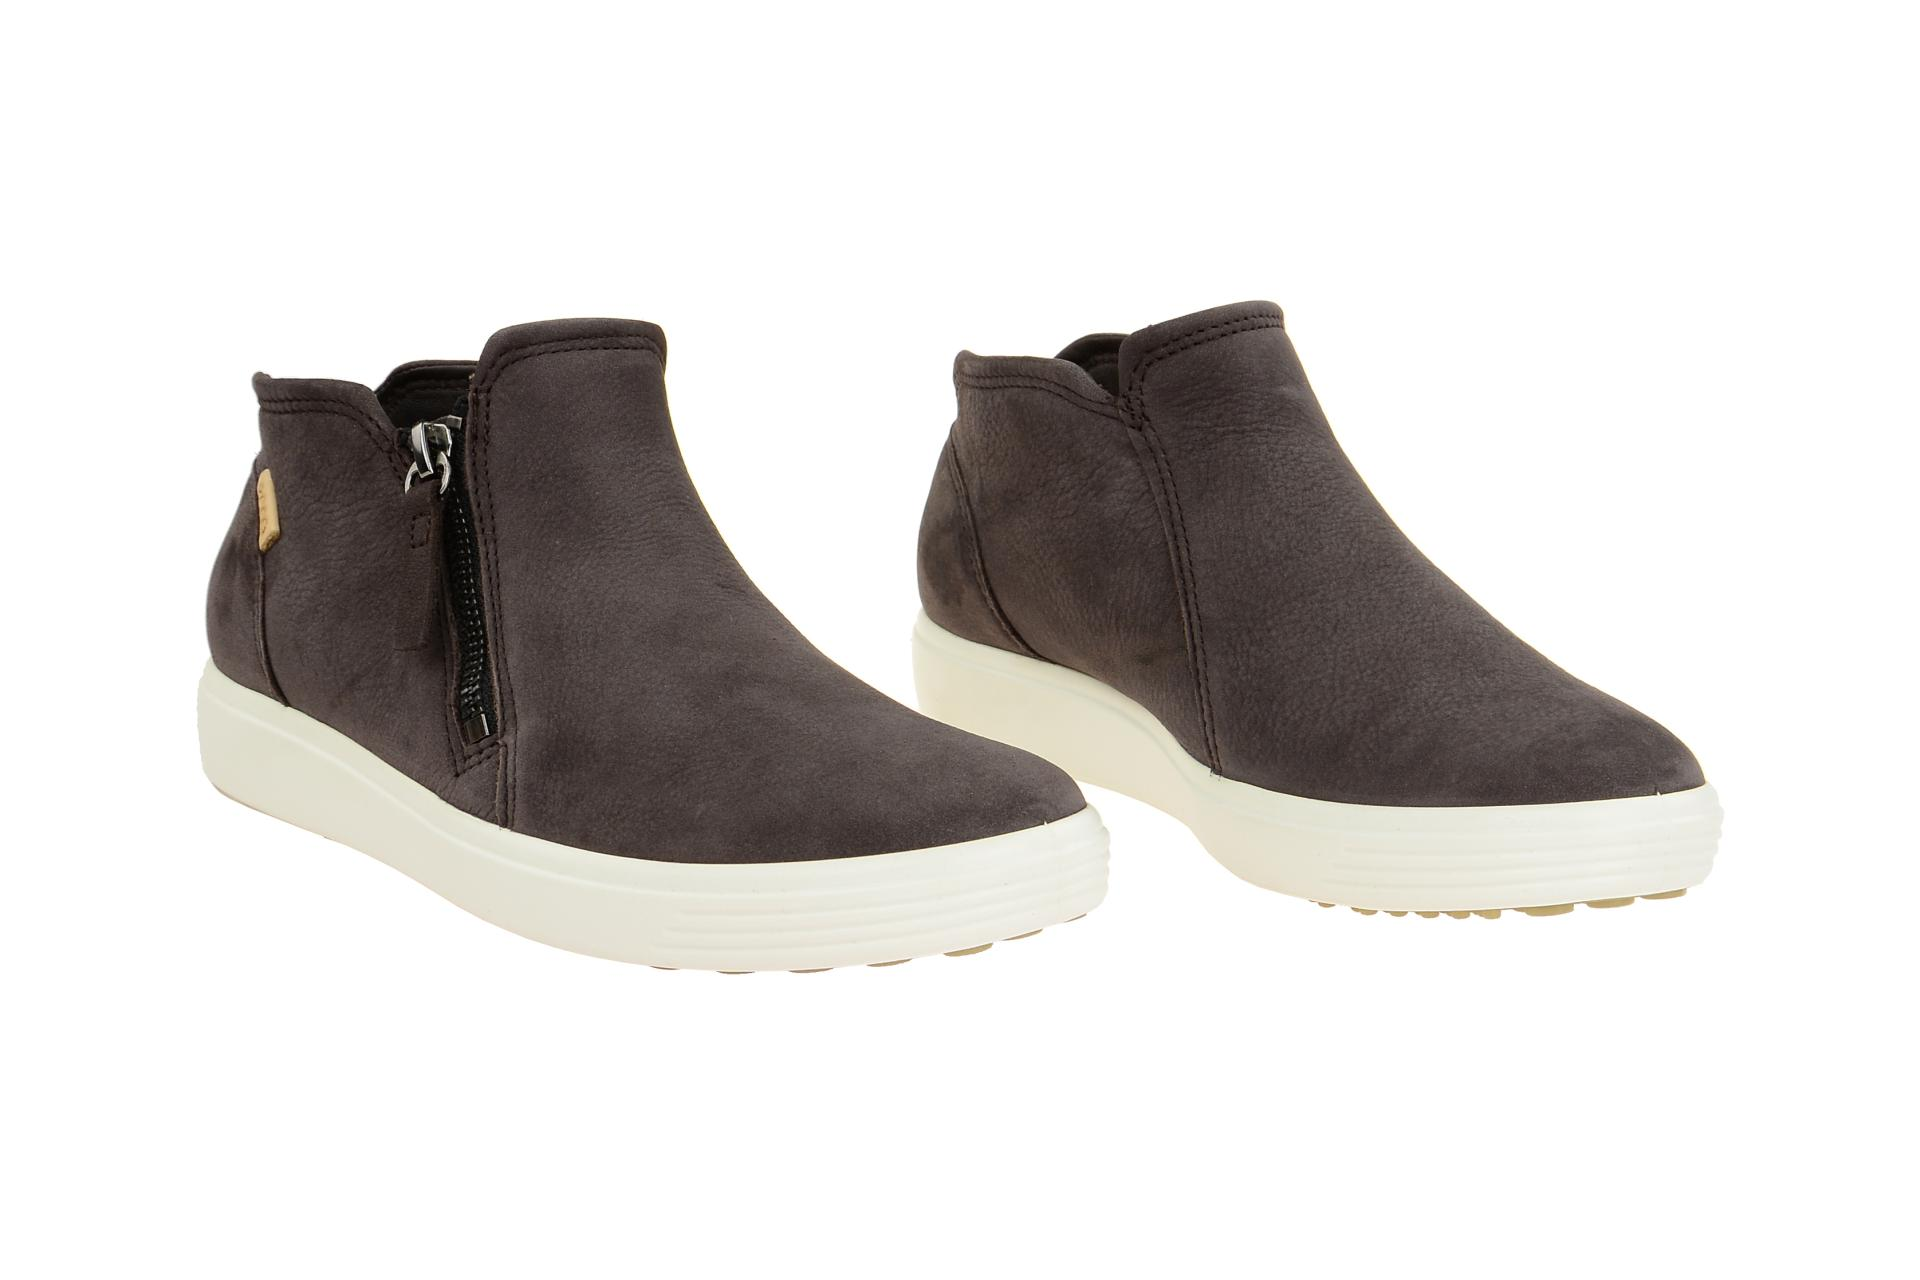 e486165cfa7cb4 Ecco Schuhe SOFT 7 LADIES braun Damenschuhe bequeme Slipper 43024350668 NEU